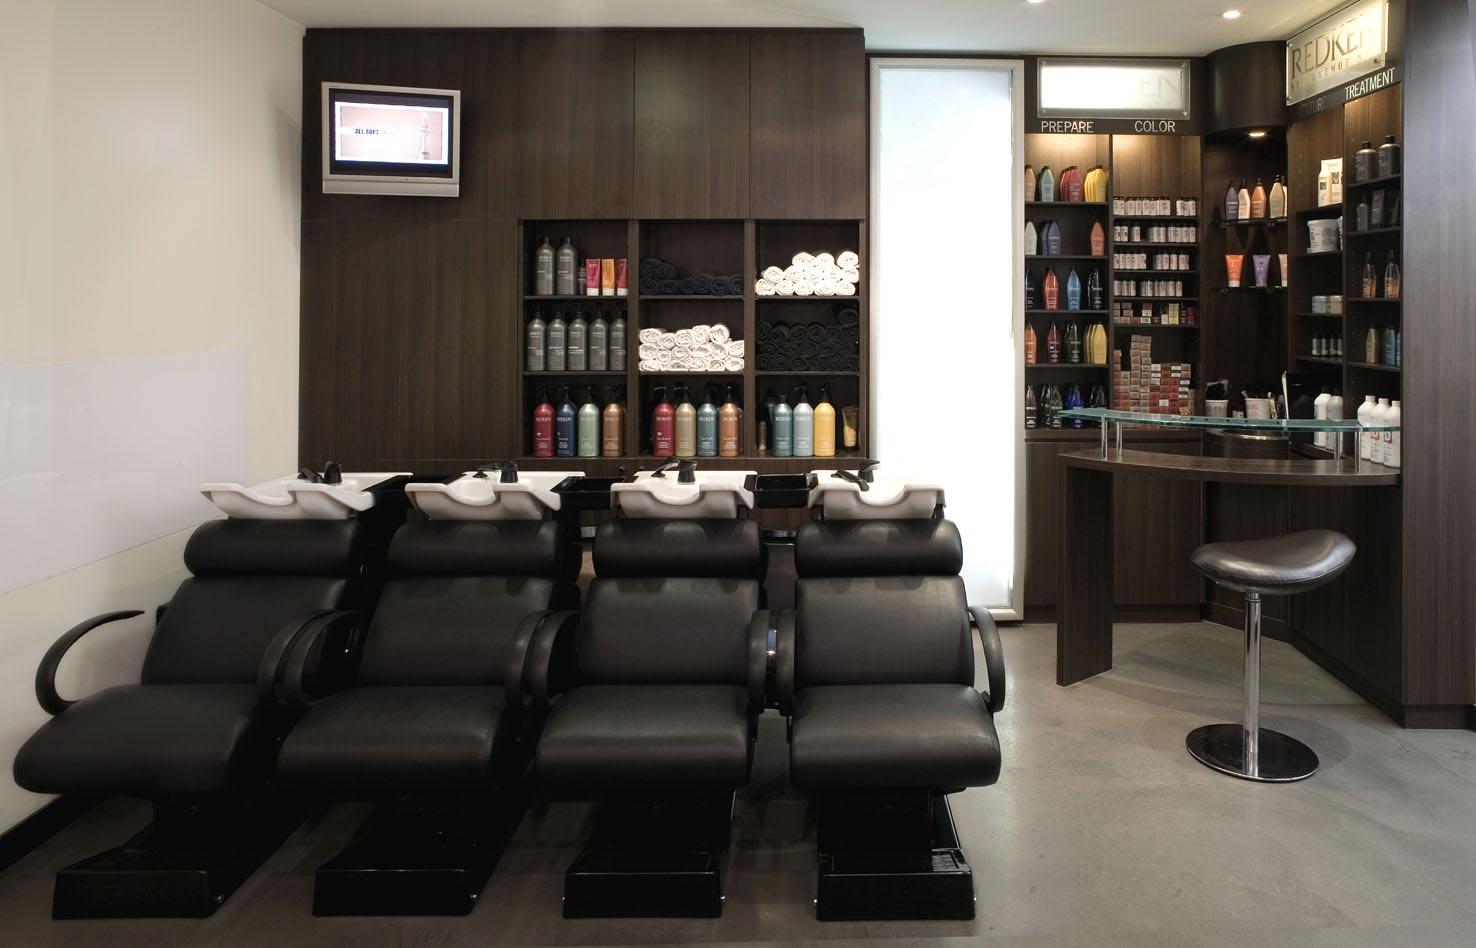 Faire une nouvelle coiffure saint algue coiffure vannes - Meilleur salon de coiffure afro paris ...